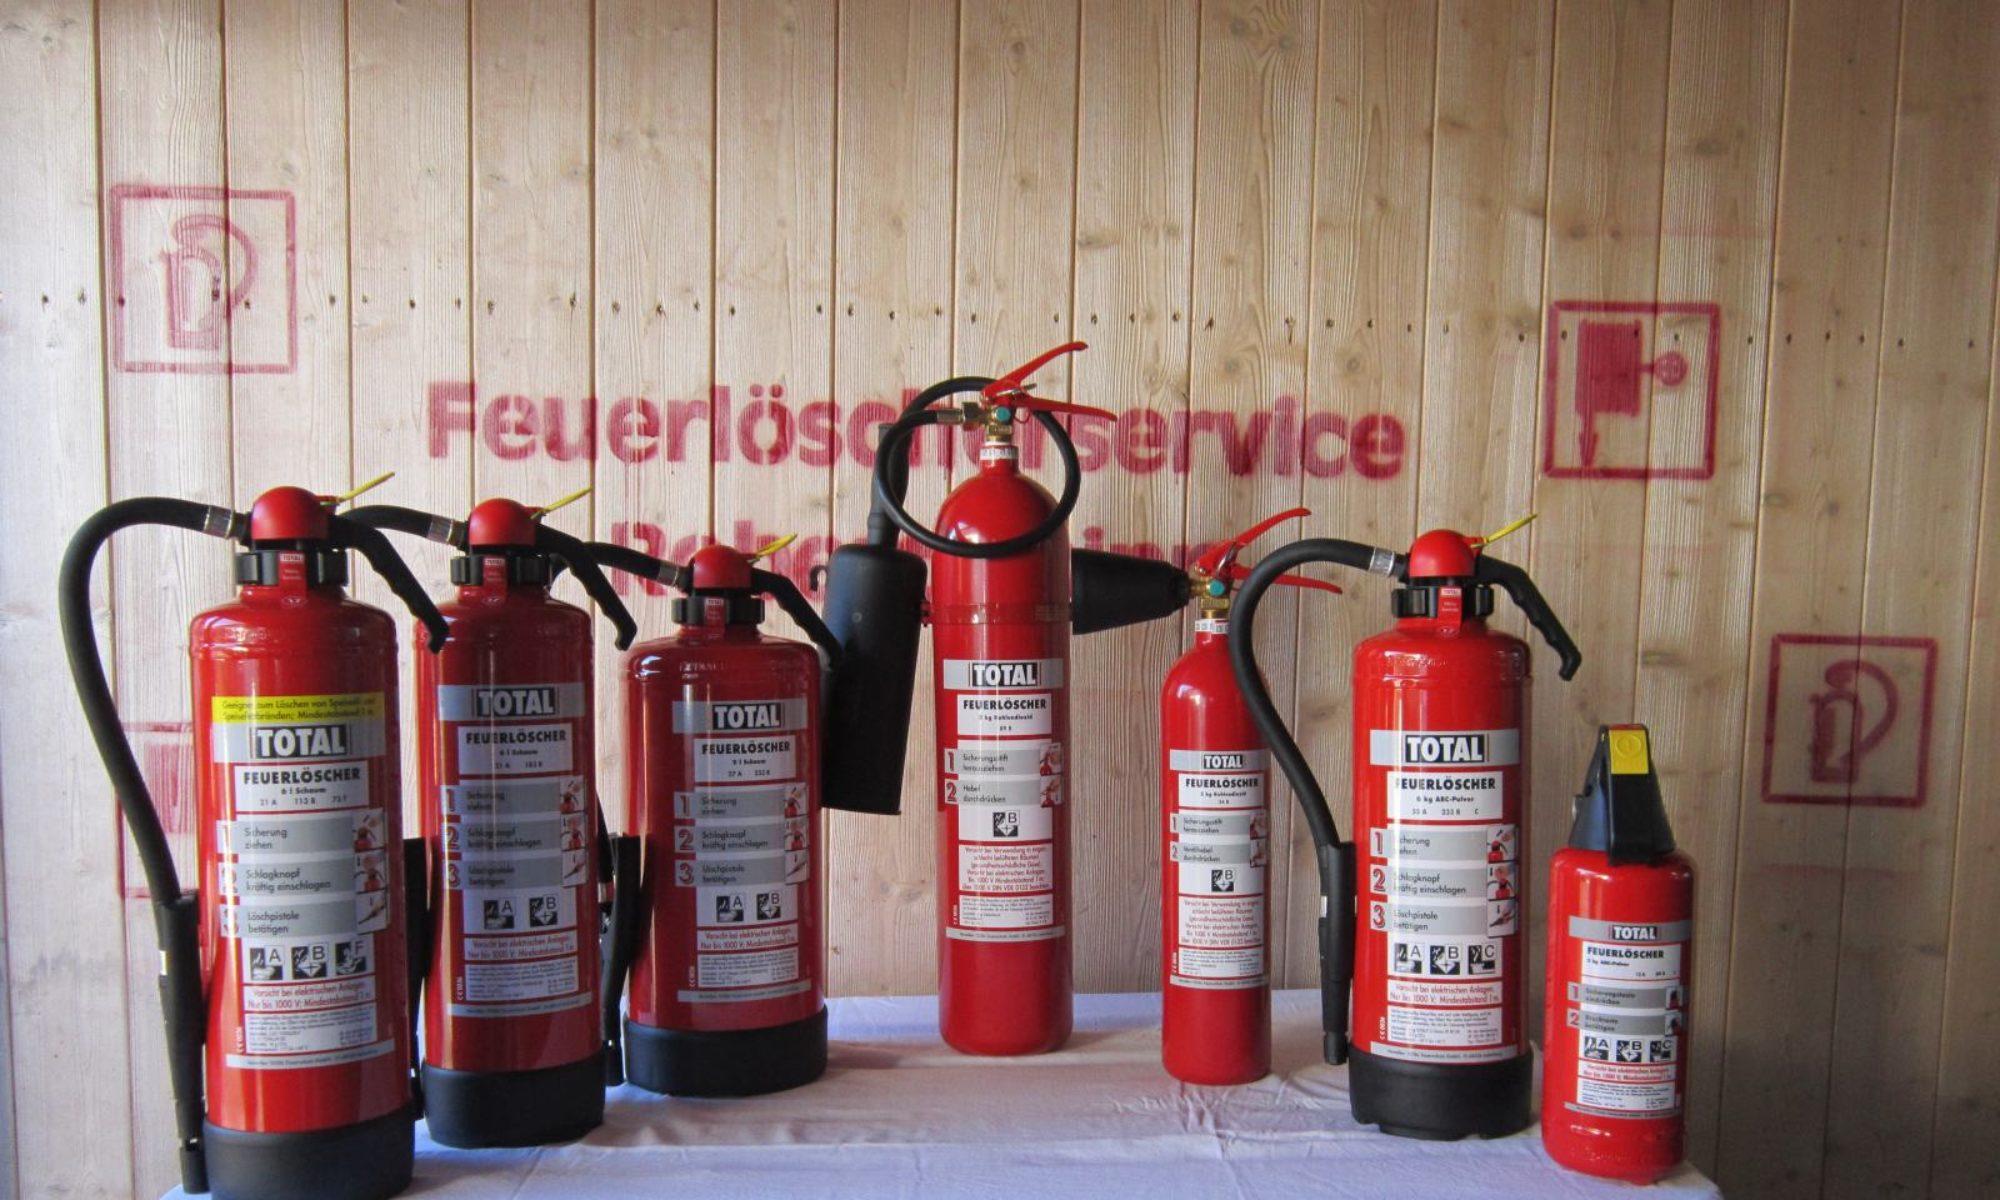 Feuerlöscherservice